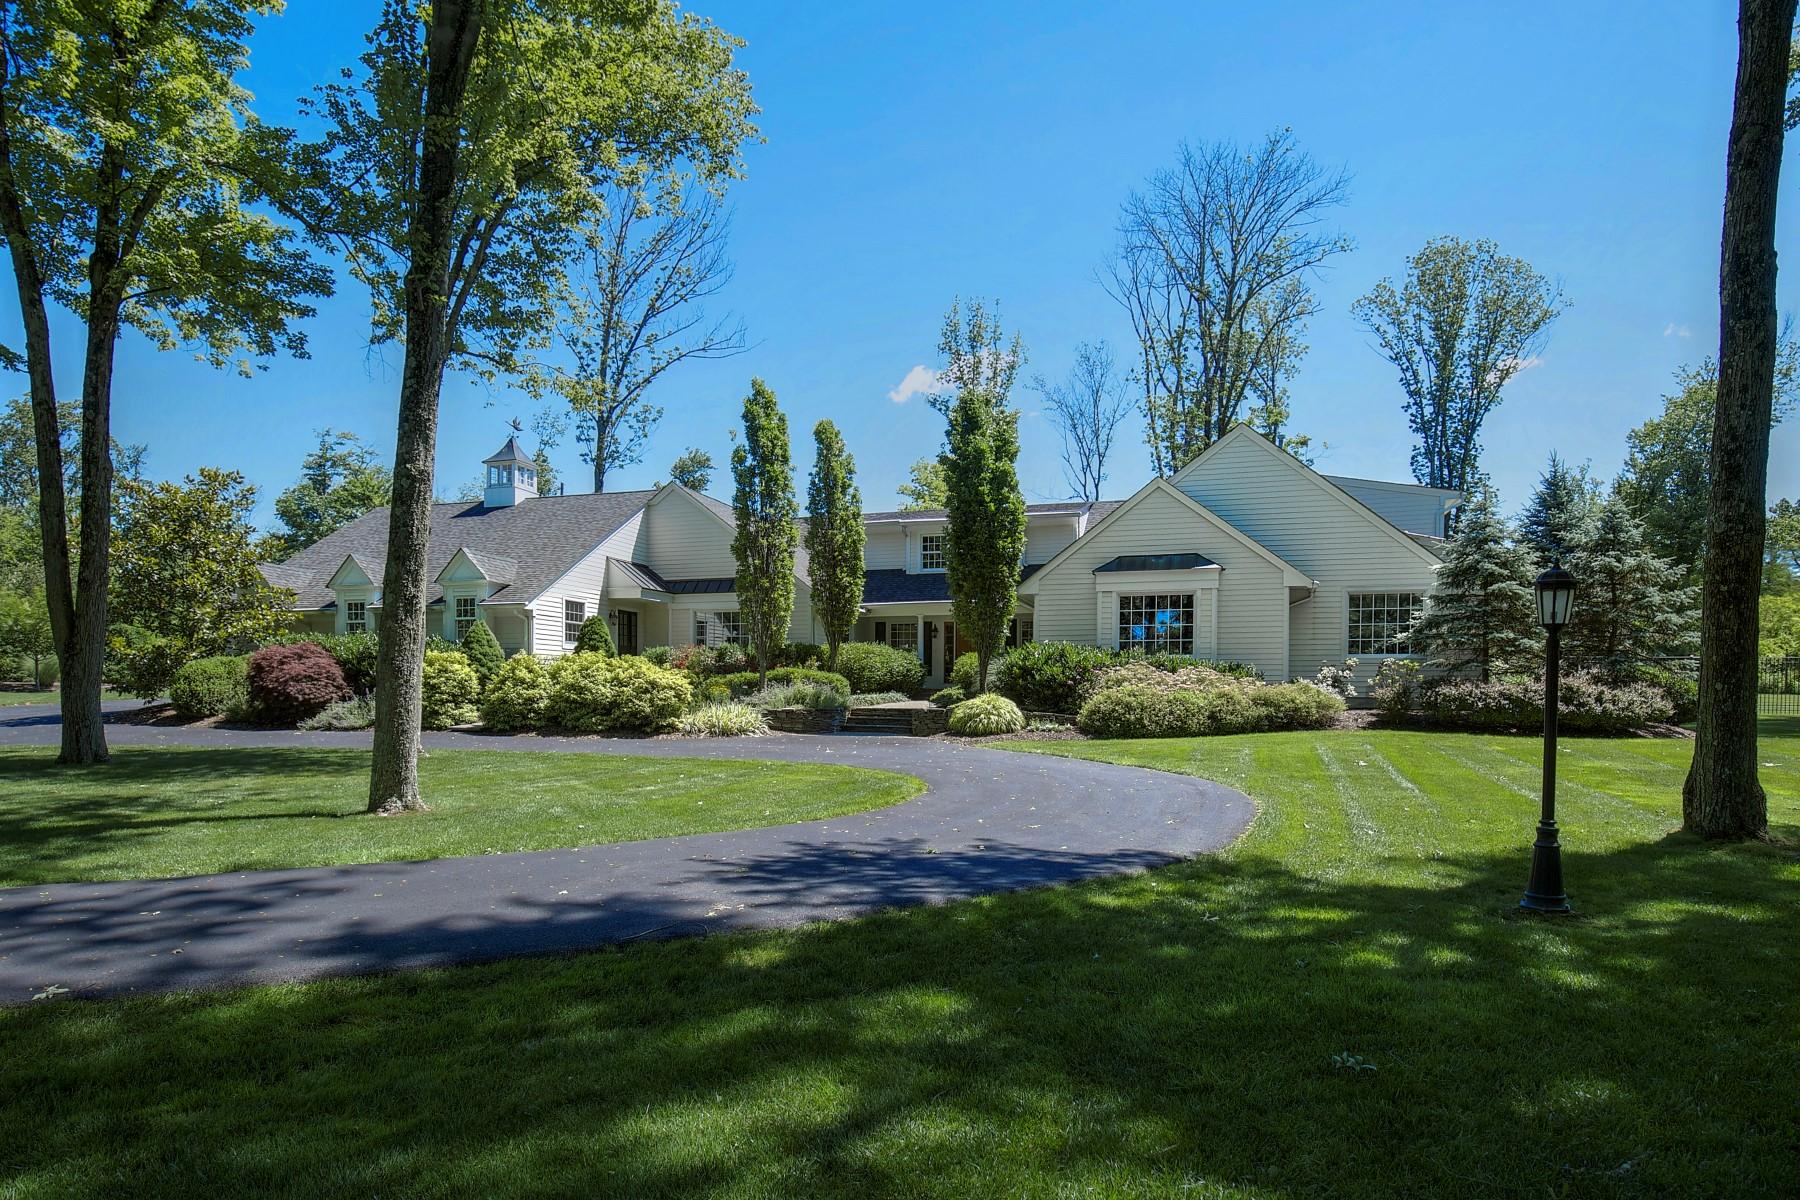 Propiedad en venta Harding Township